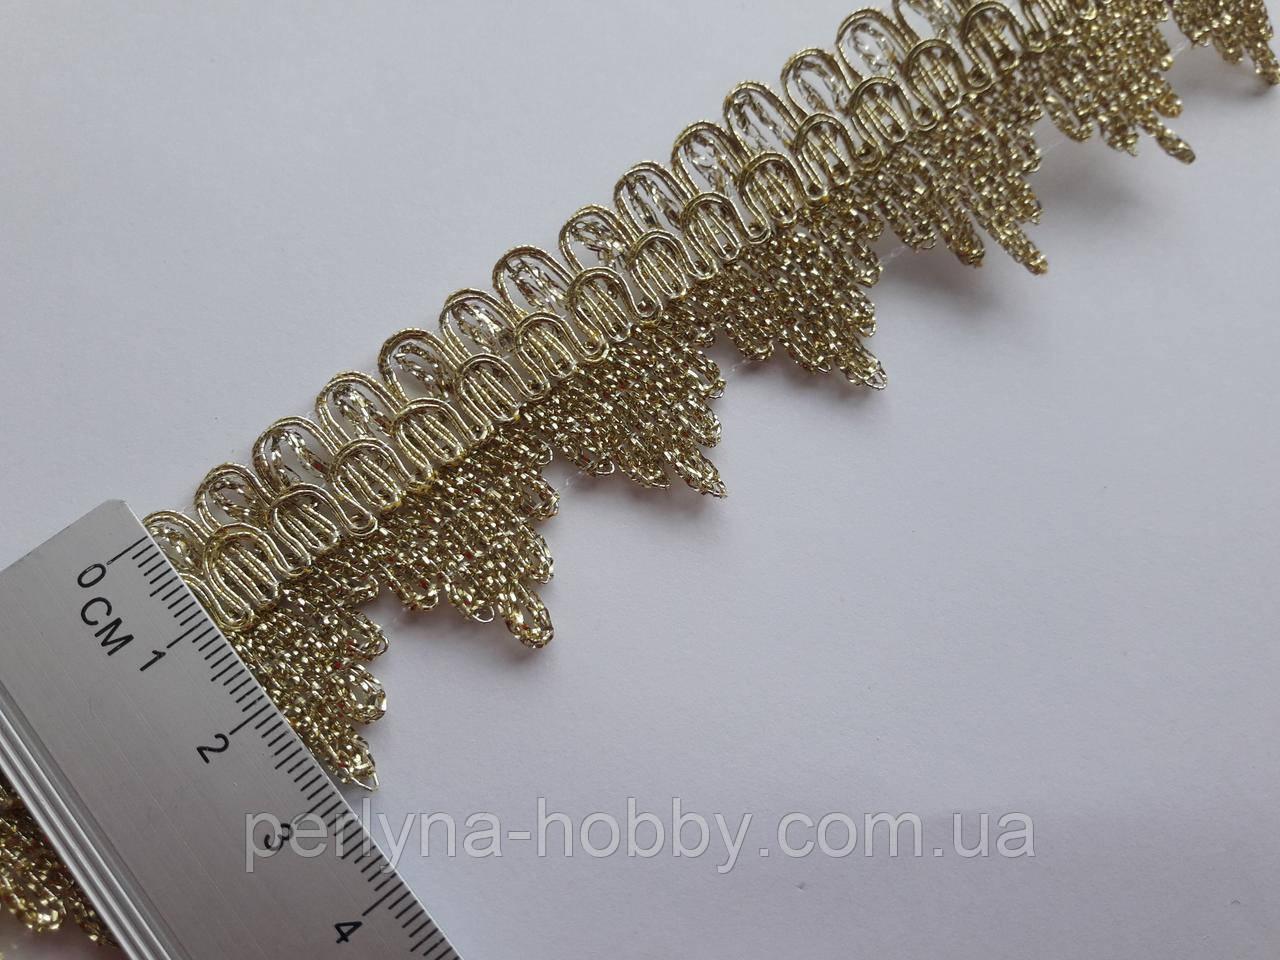 Тасьма декоративна люрекс  3 см, світле золото